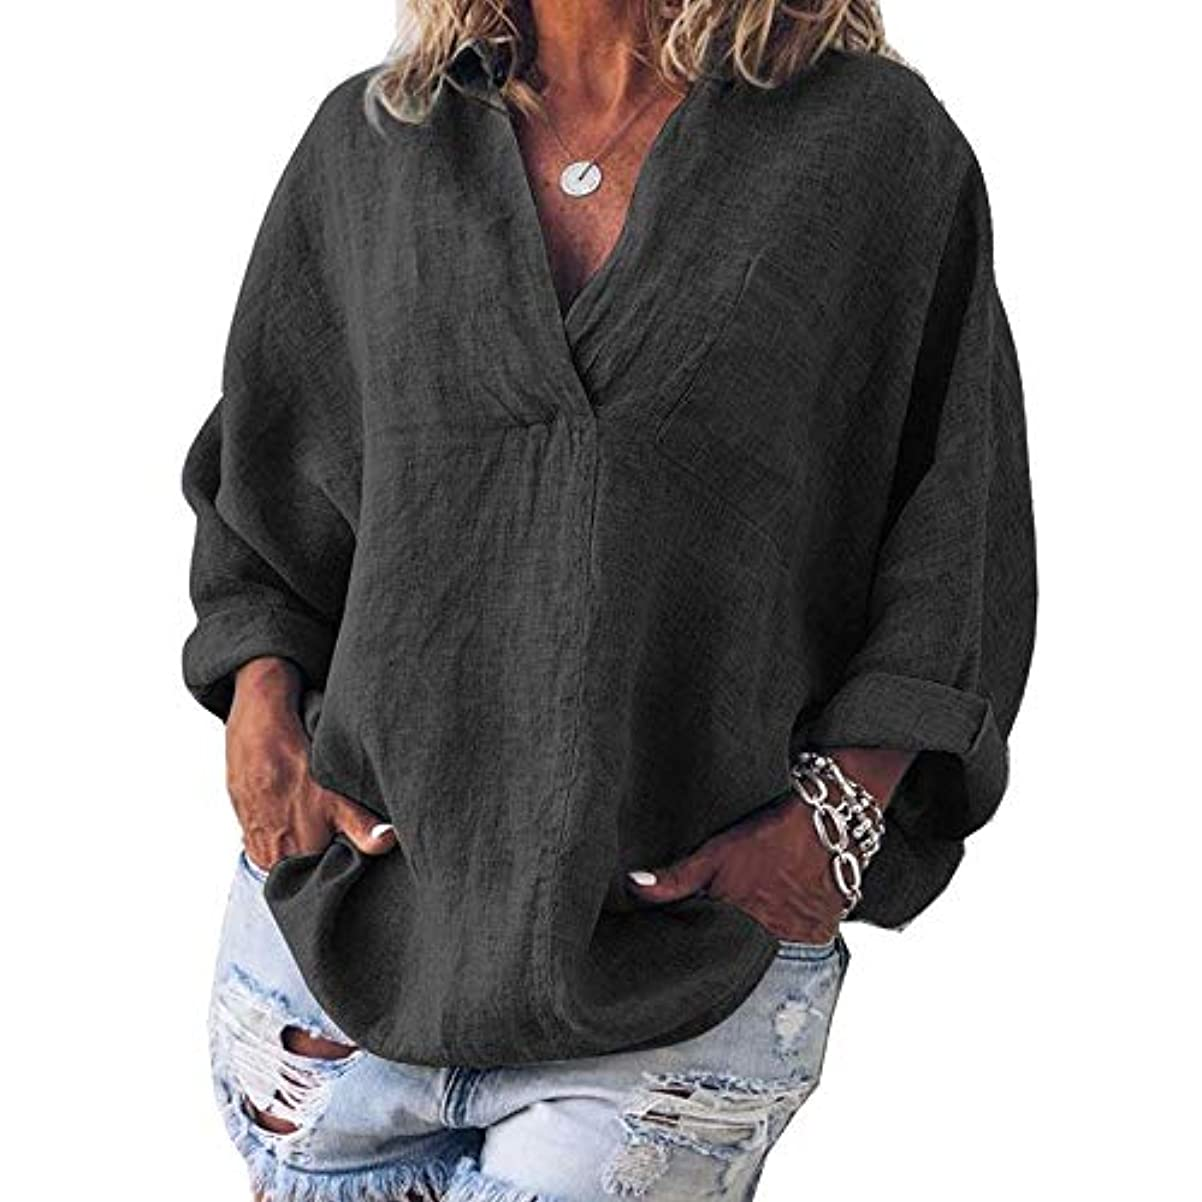 金額ホイットニー対処するMIFAN女性ファッション春夏チュニックトップス深いVネックTシャツ長袖プルオーバールーズリネンブラウス